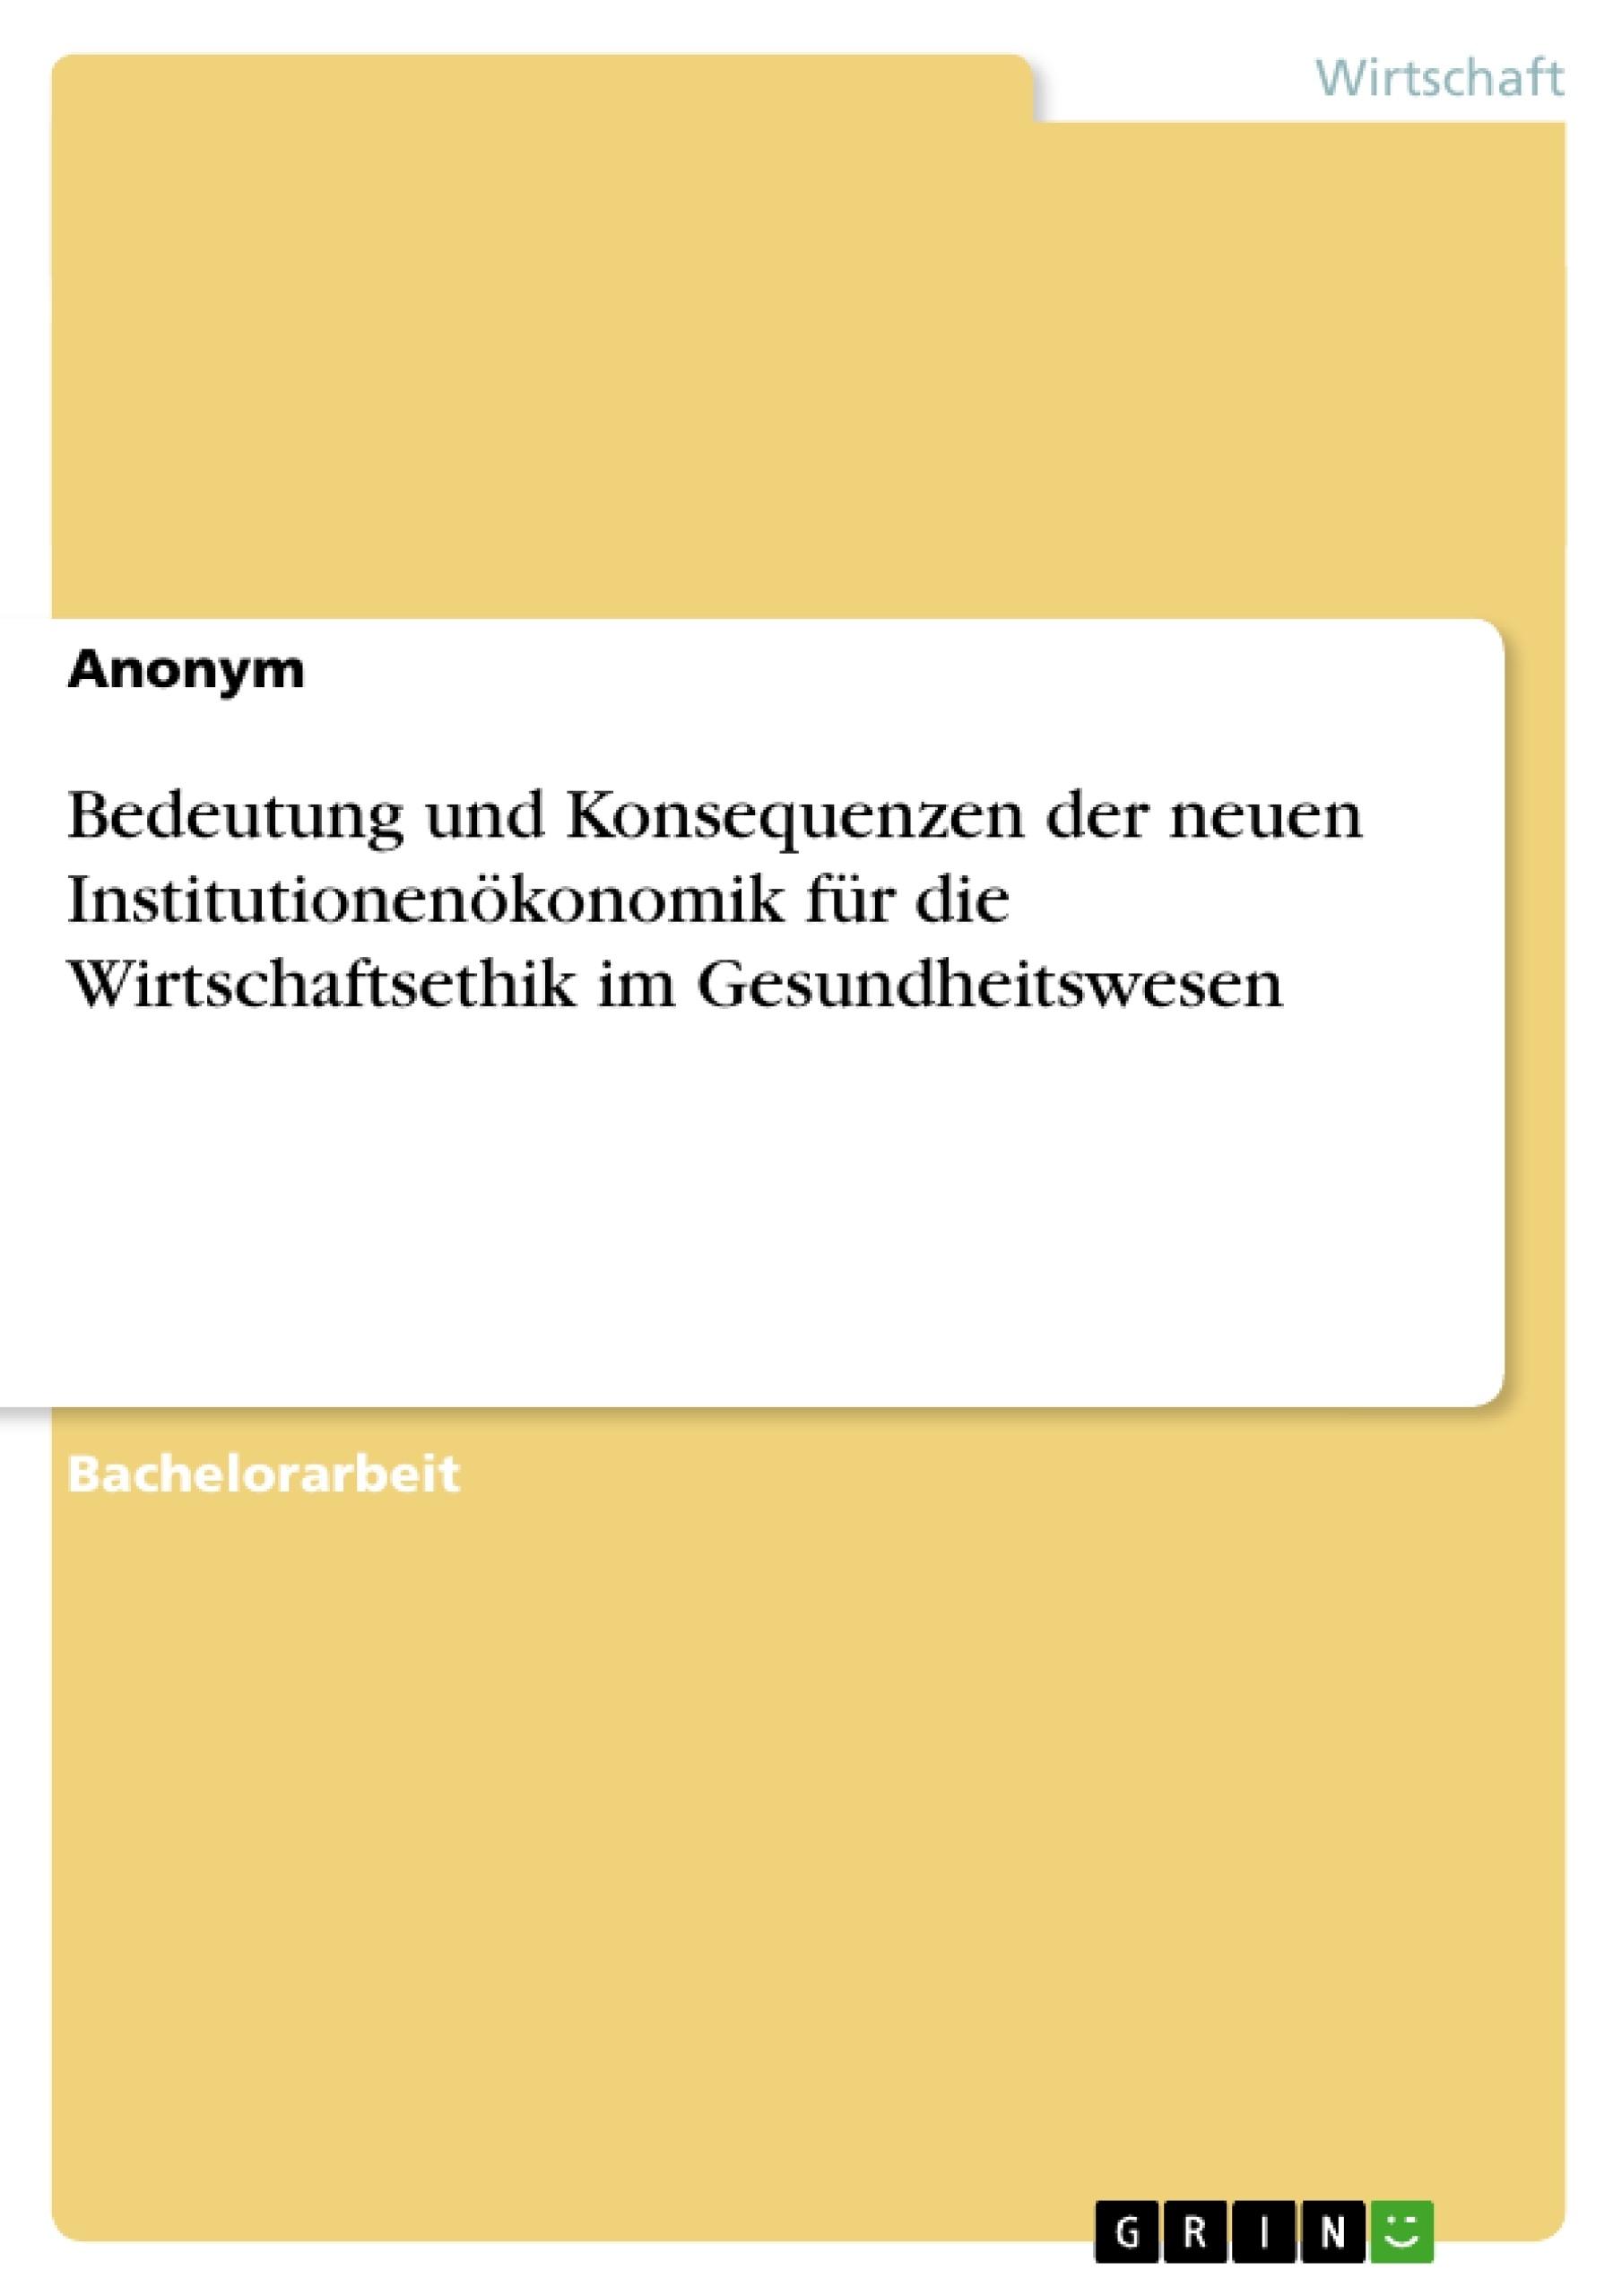 Titel: Bedeutung und Konsequenzen der neuen Institutionenökonomik für die Wirtschaftsethik im Gesundheitswesen